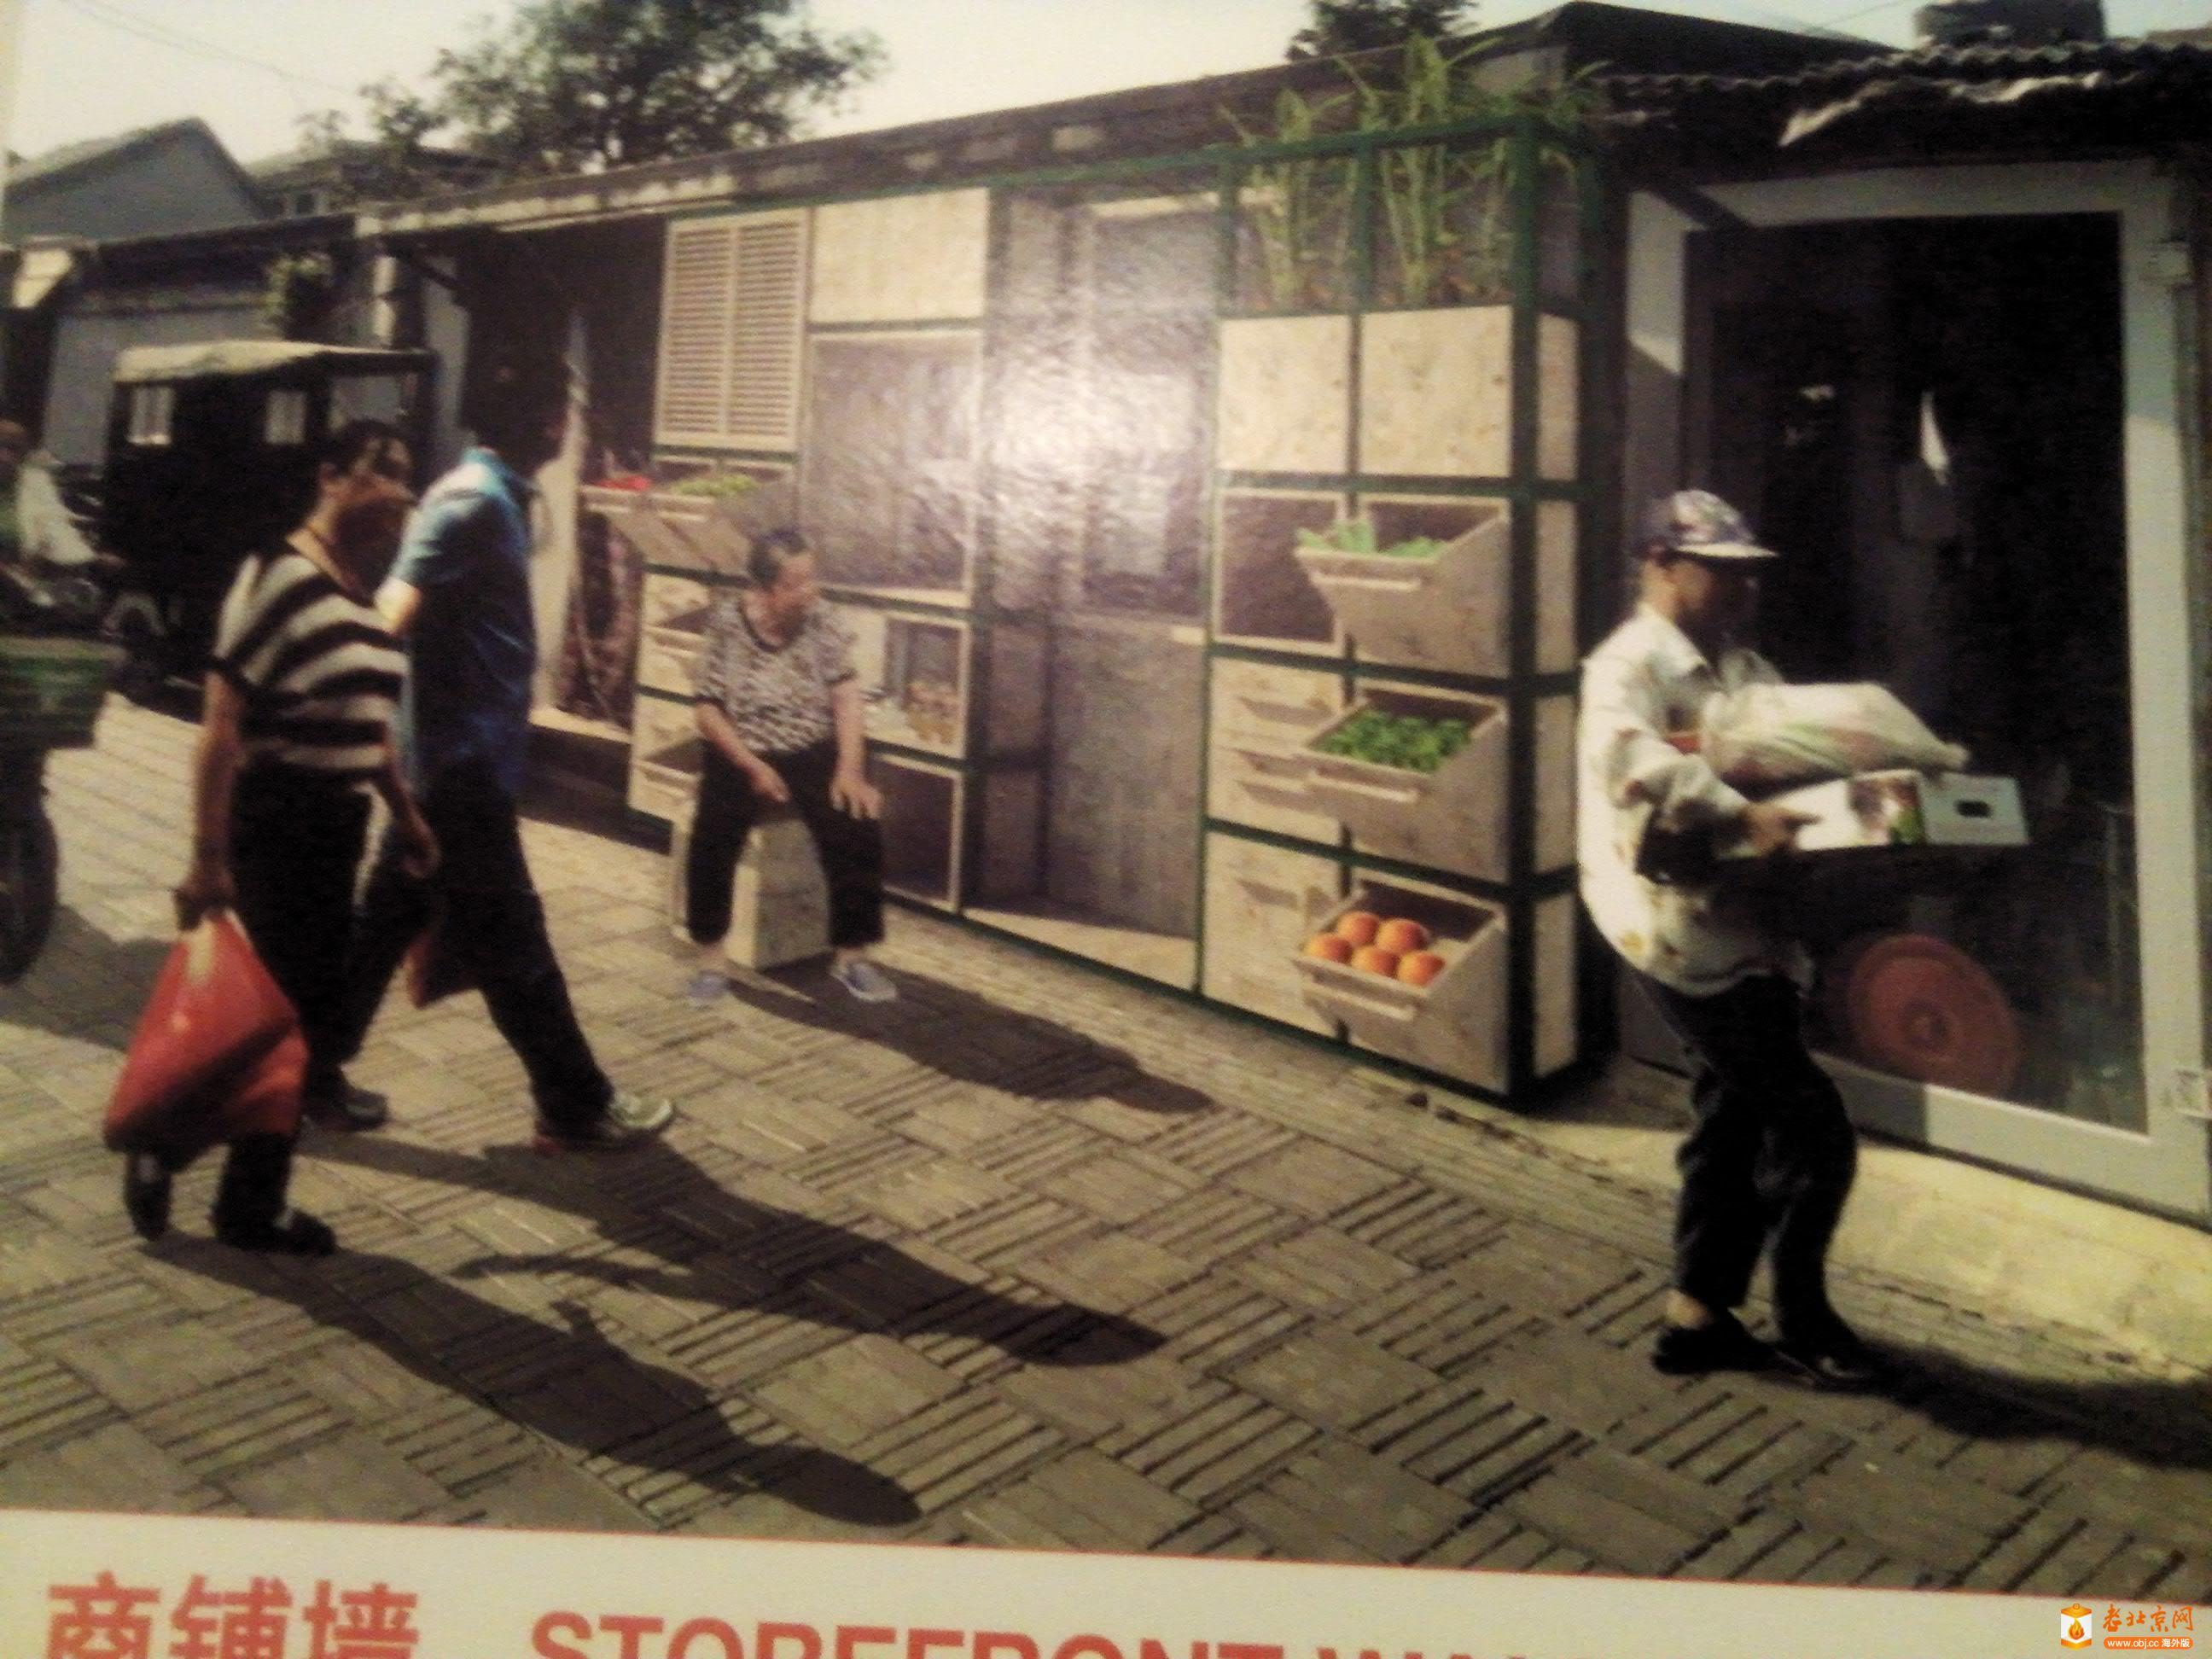 2015年大栅栏北京国际设计周-摄影园地-服务器里的